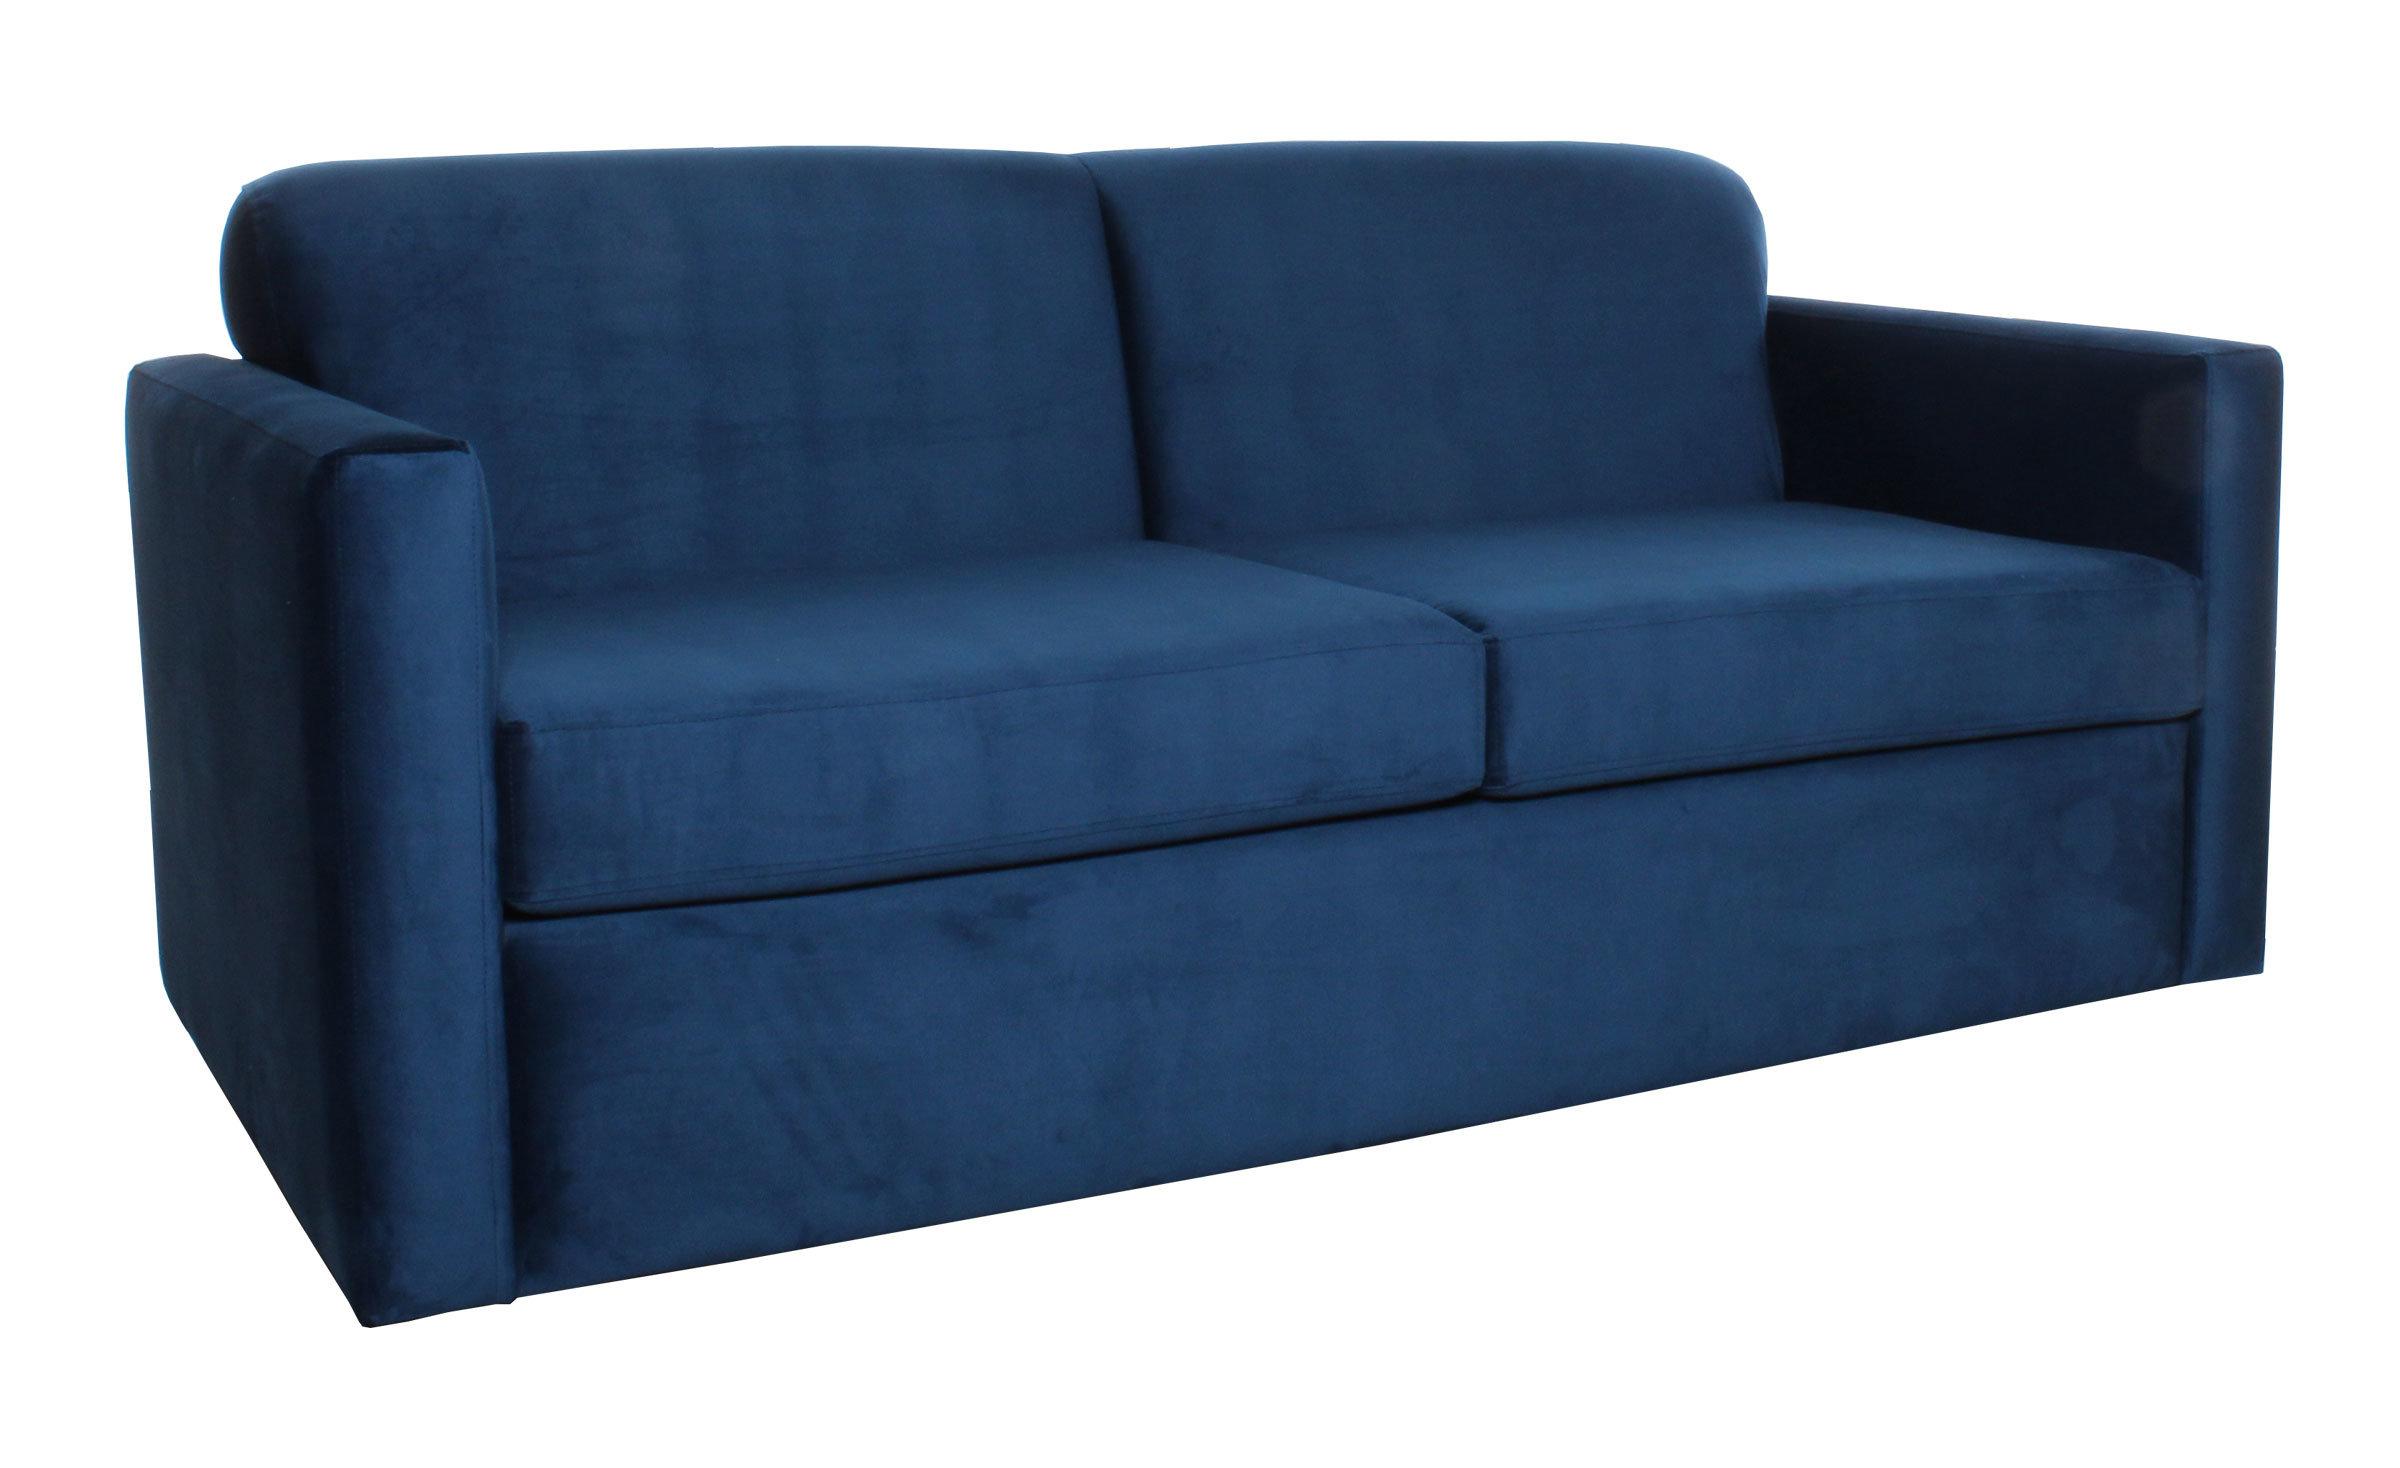 Sofa Cama Dos Cuerpos Especial Vista Lateral Ajus